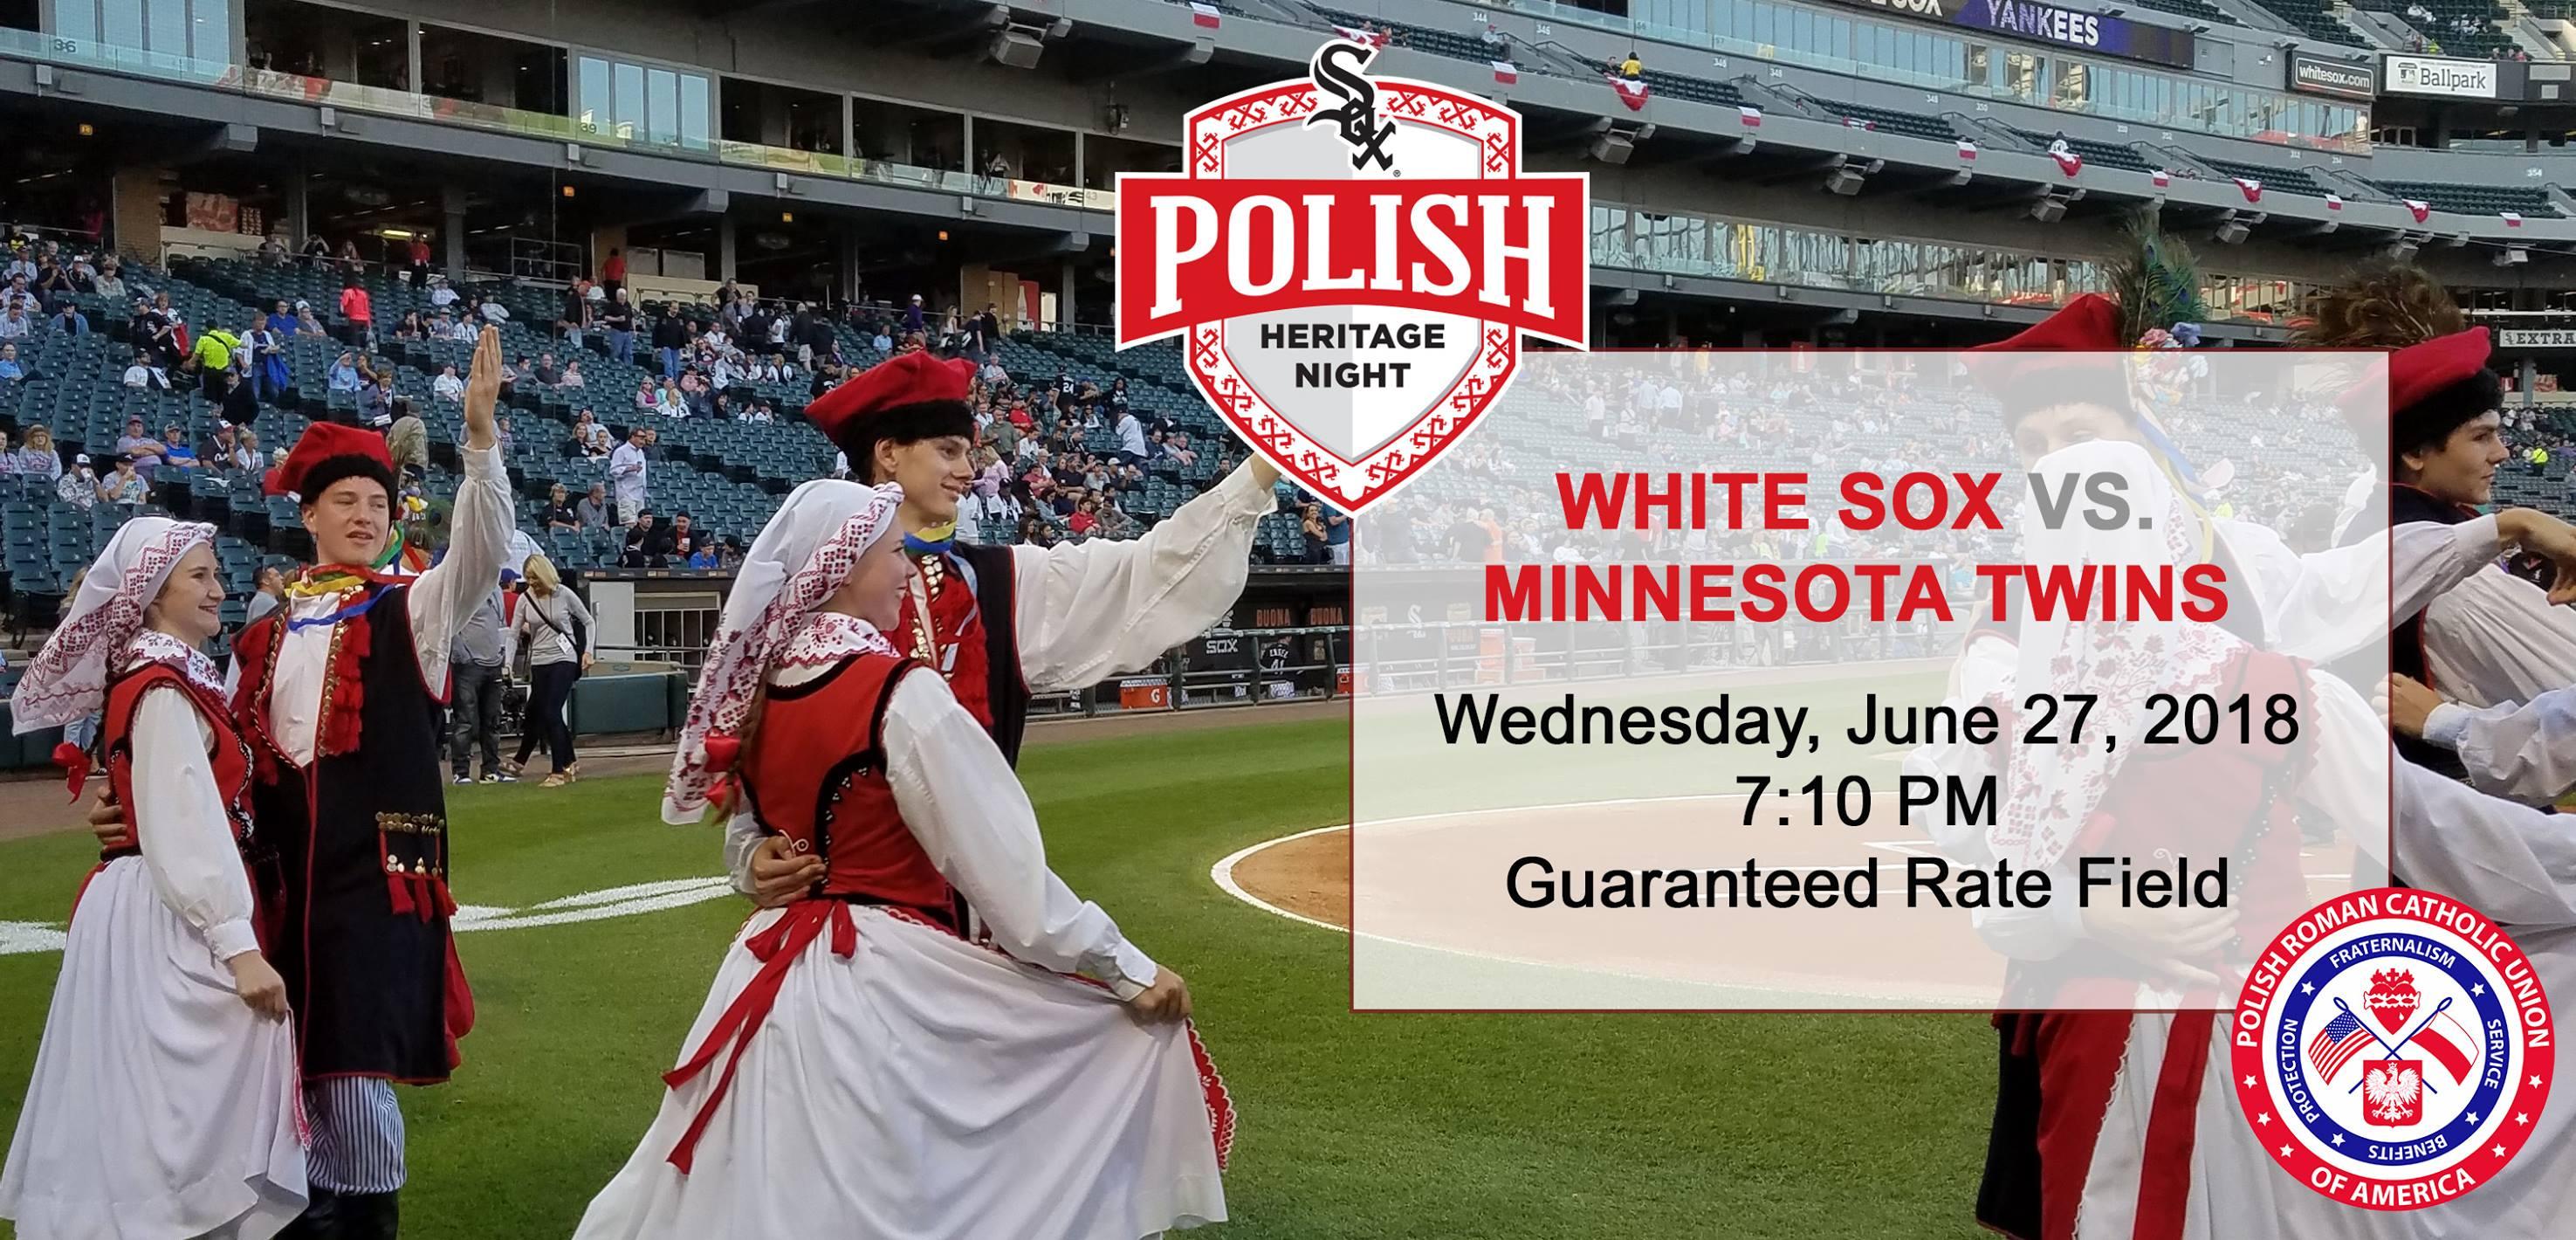 Drużyna White Sox zaprasza na polską noc